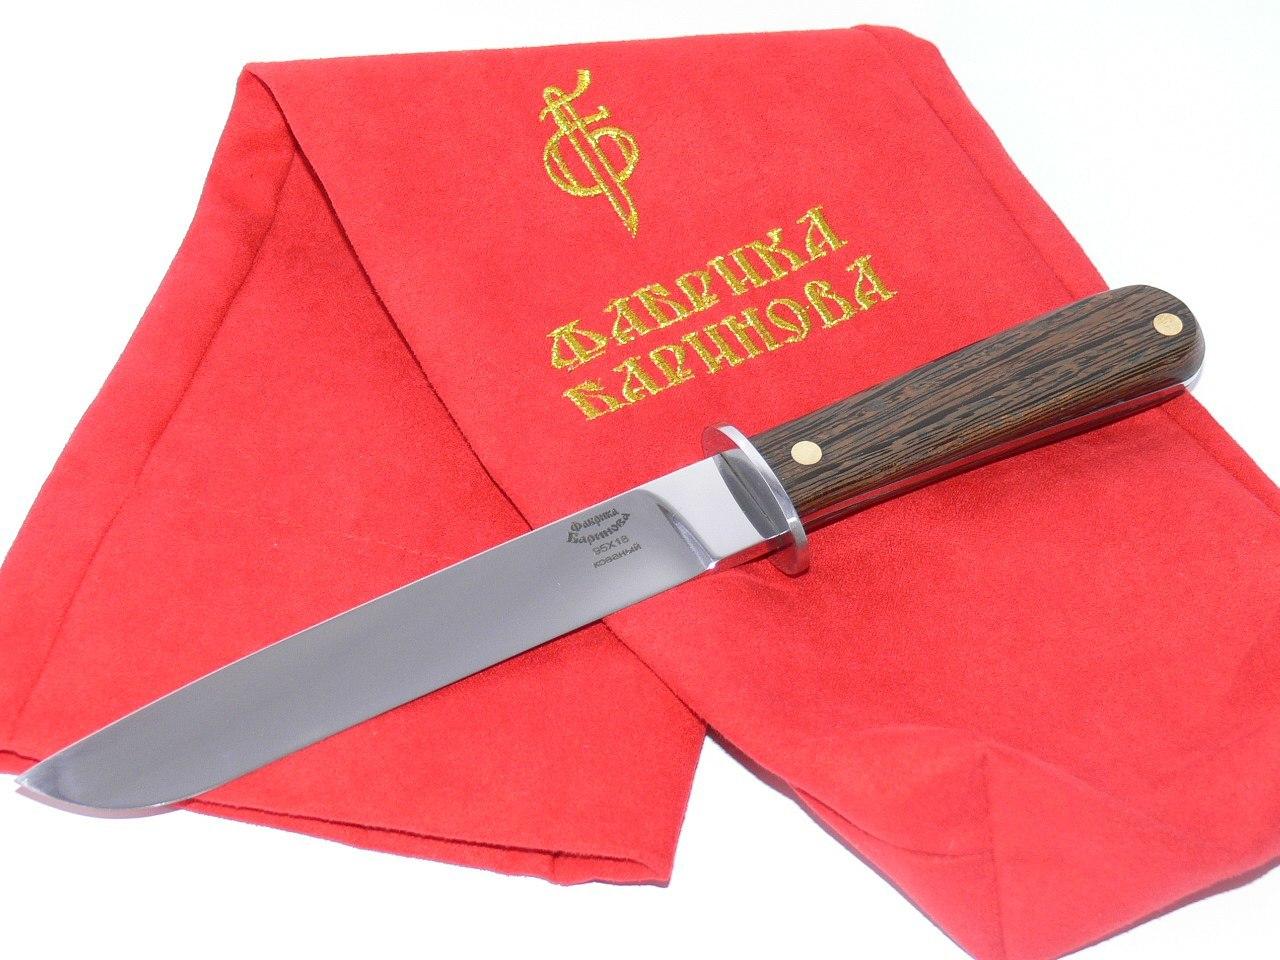 Фото 5 - Нож Окопник-2 95Х18, венге от Фабрика Баринова